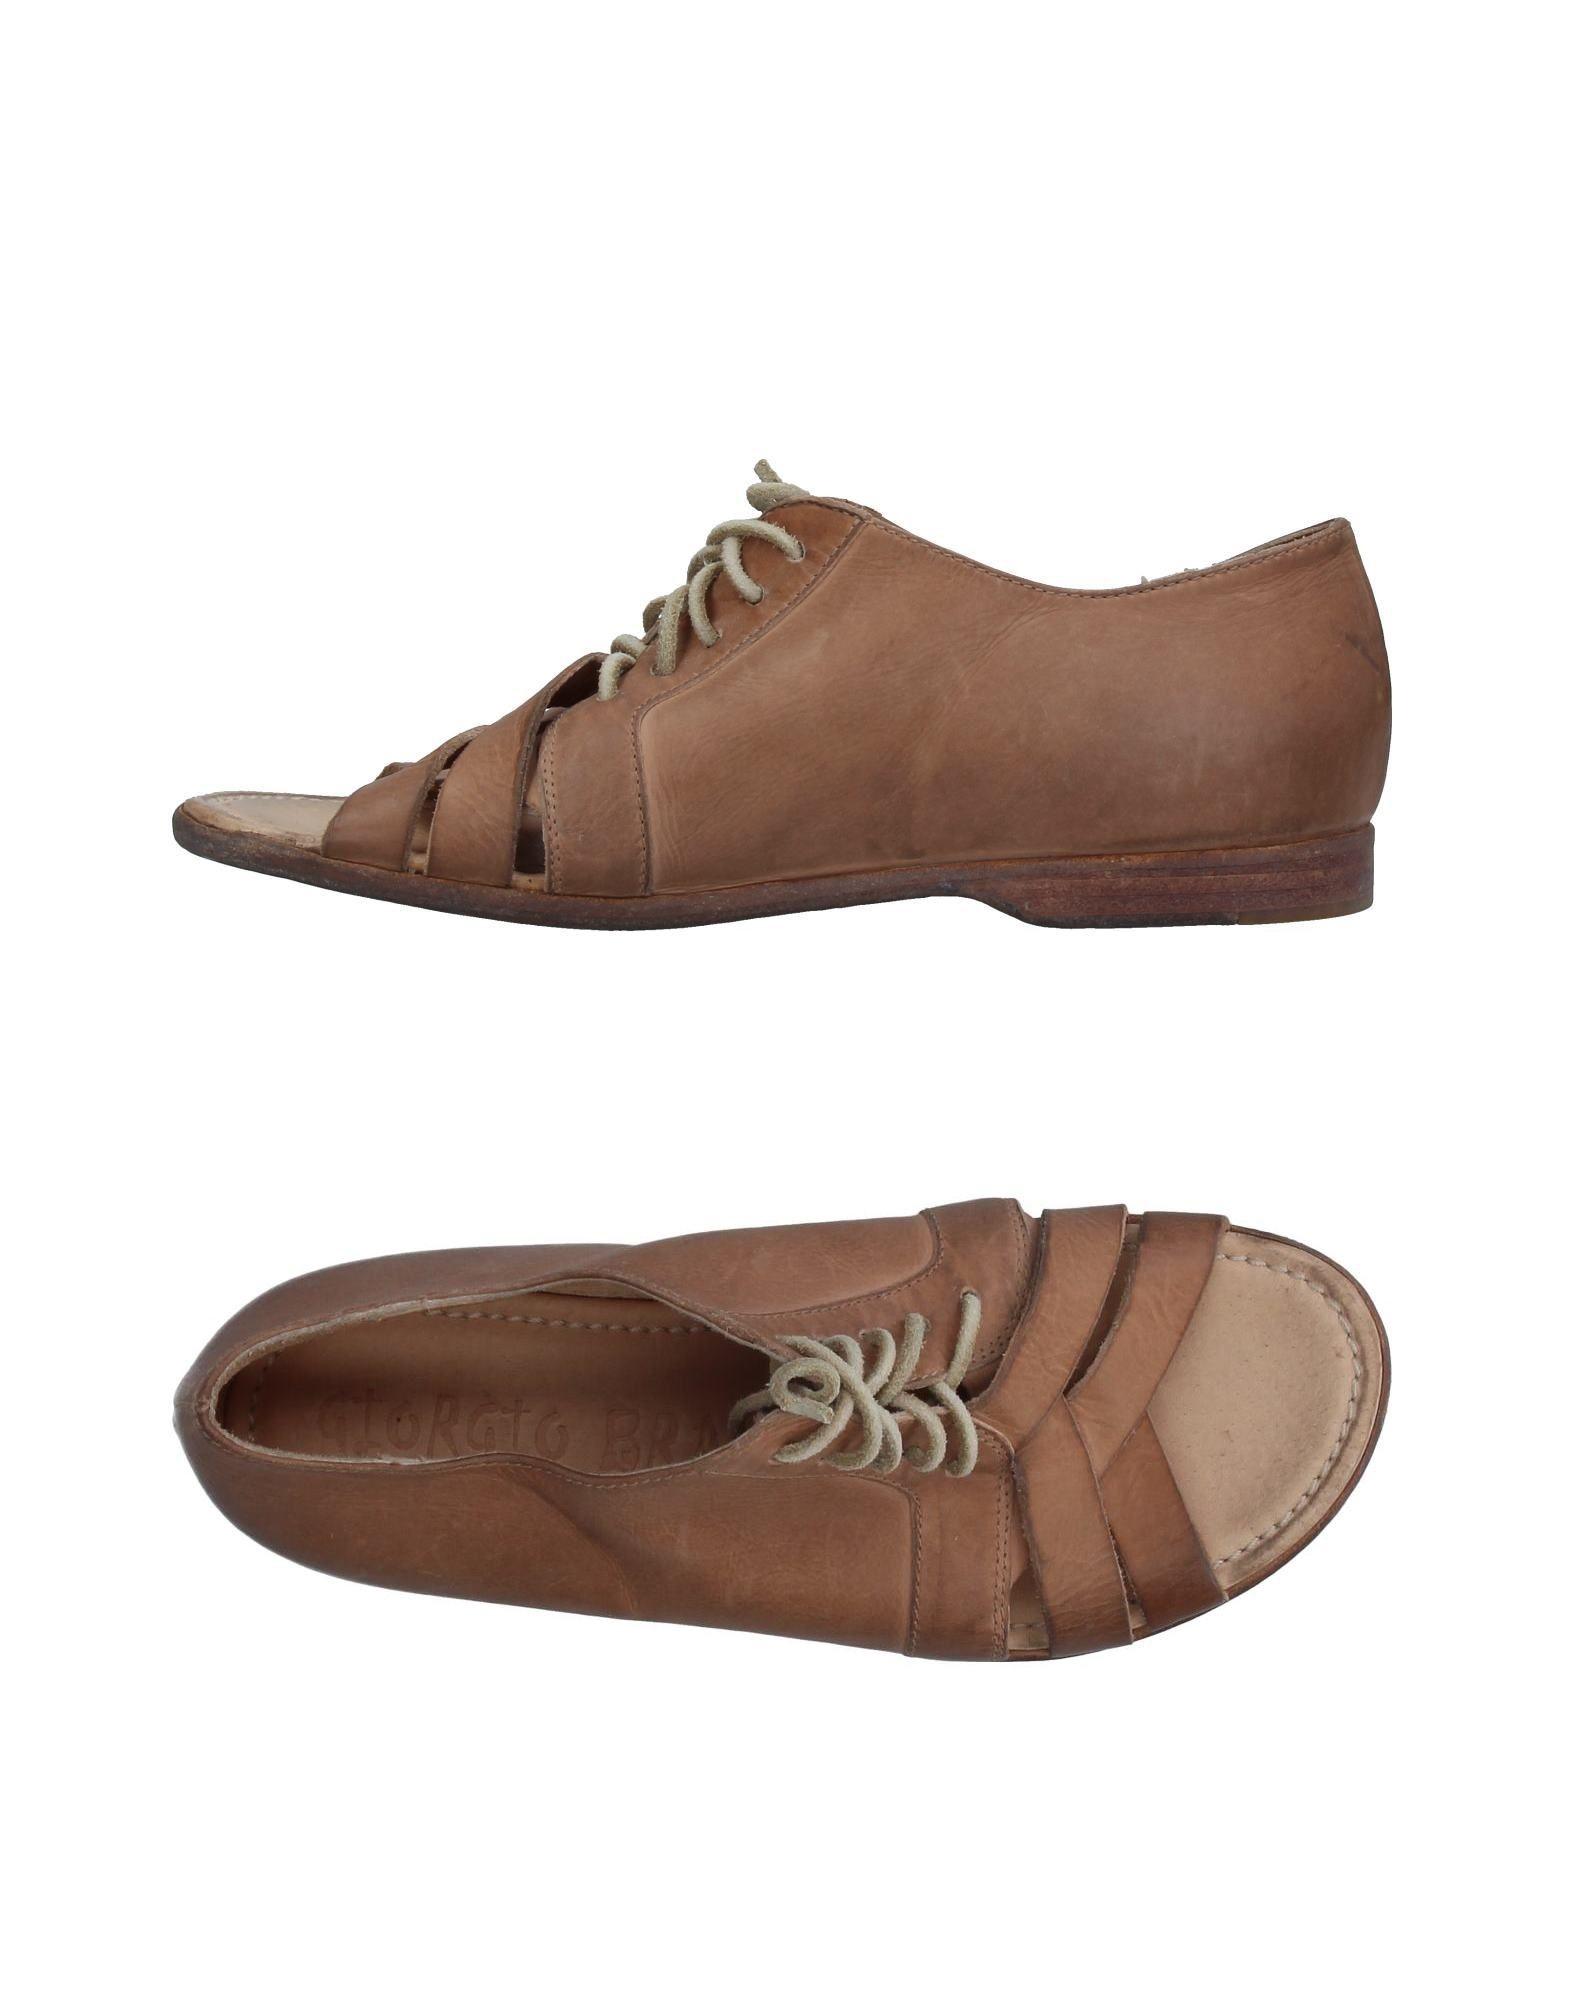 Vente Pas Cher 2018 Unisexe Professionnel Vente CHAUSSURES - Chaussures à lacetsGiorgio Brato Limite Offre Pas Cher Vente Pas Cher En France dZykDGdOG